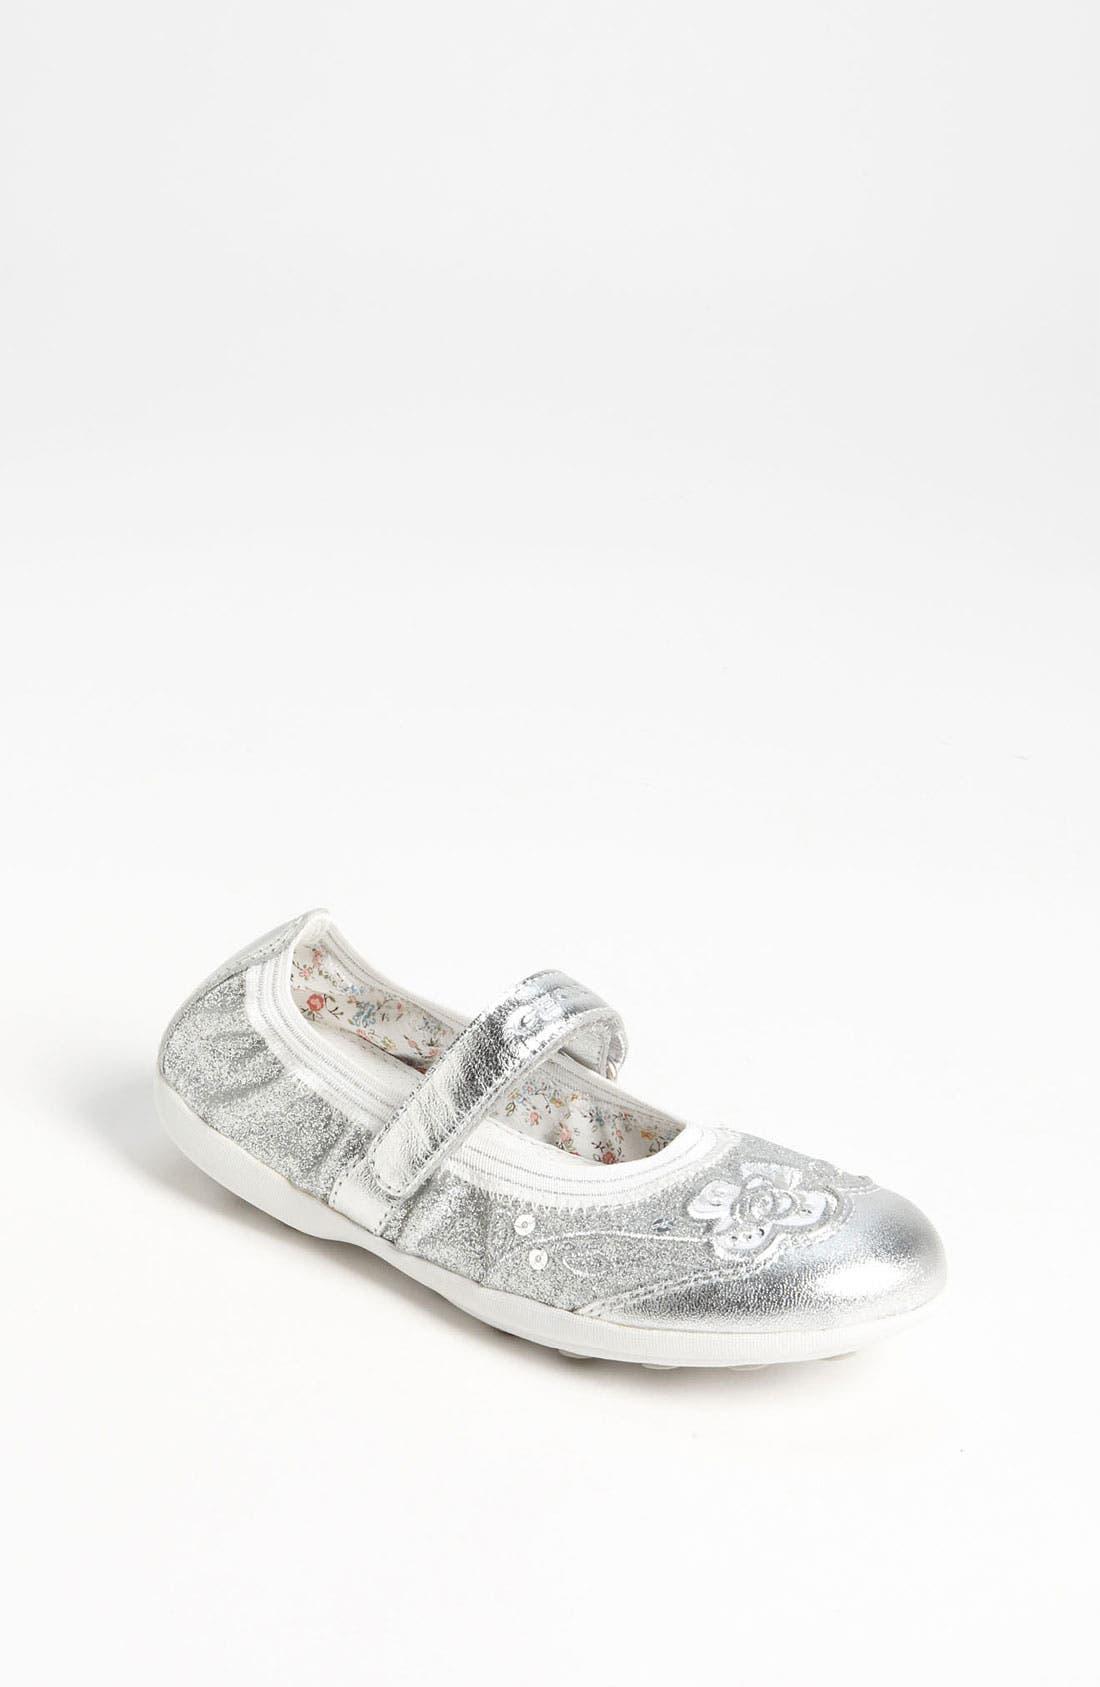 Alternate Image 1 Selected - Geox Junior 'Jodie' Mary Jane Sneaker (Toddler & Little Kid)